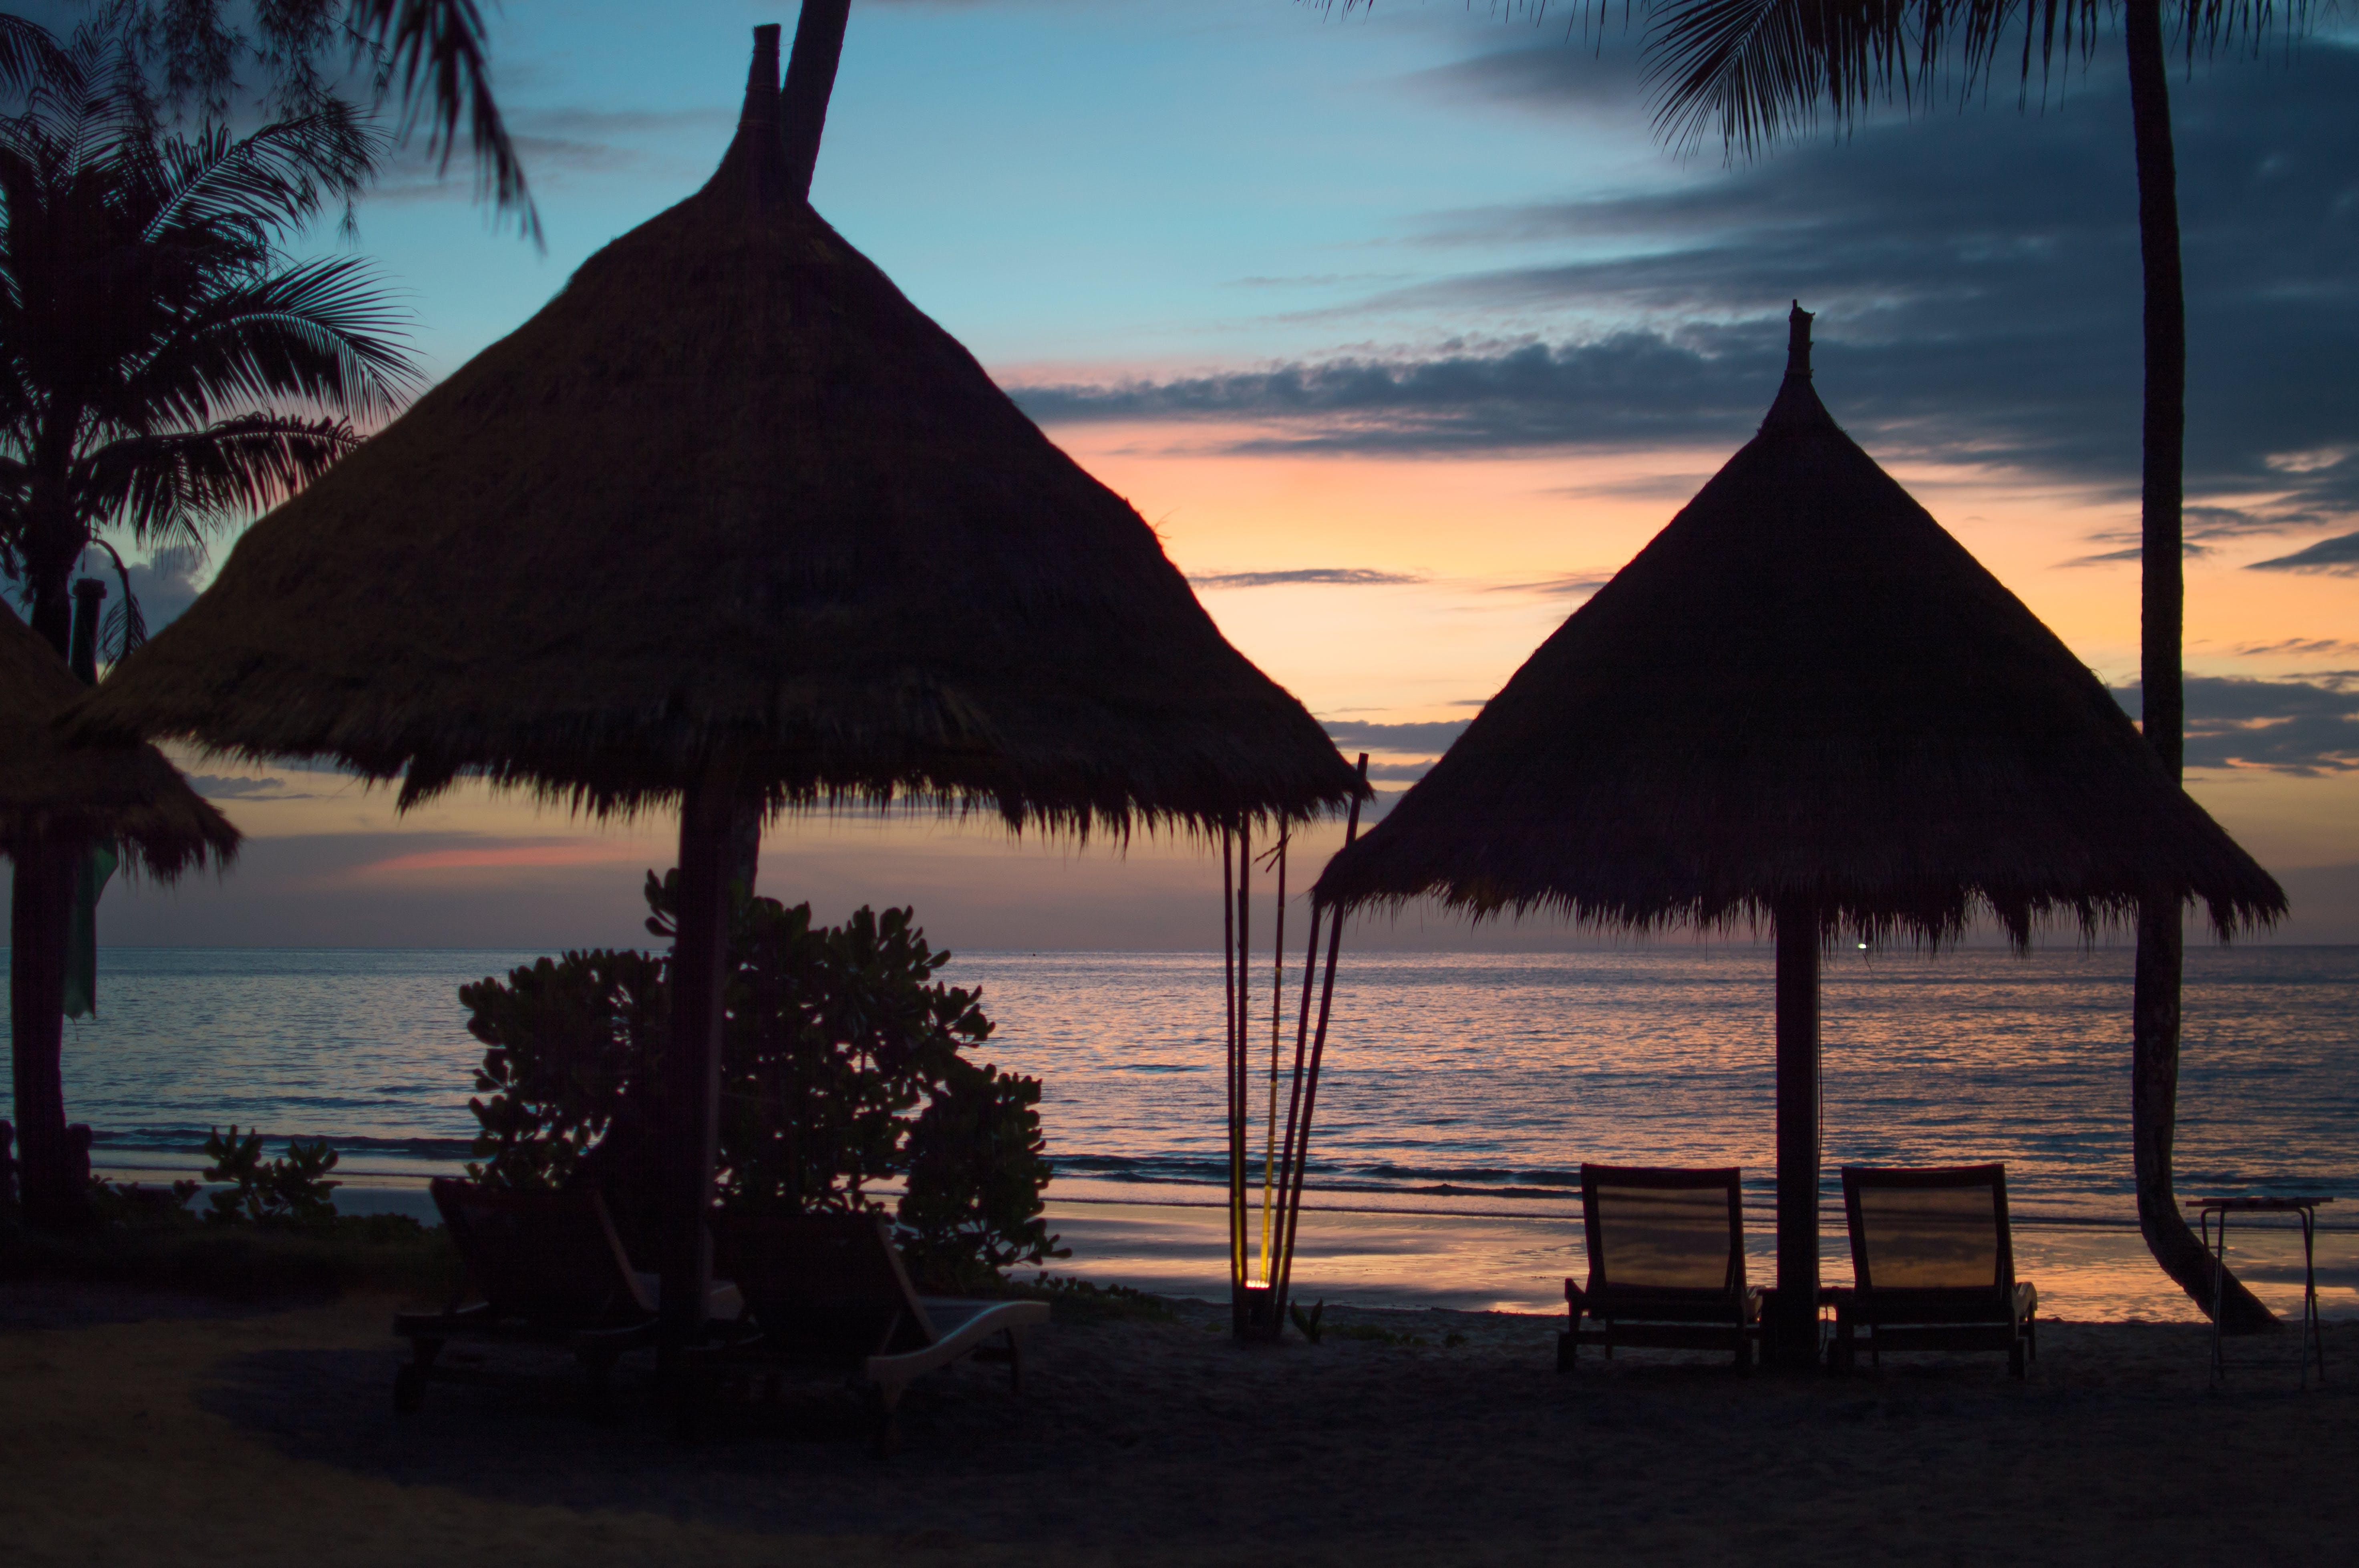 Kostenloses Stock Foto zu hütte, sonnenuntergang, strand, strandhütte